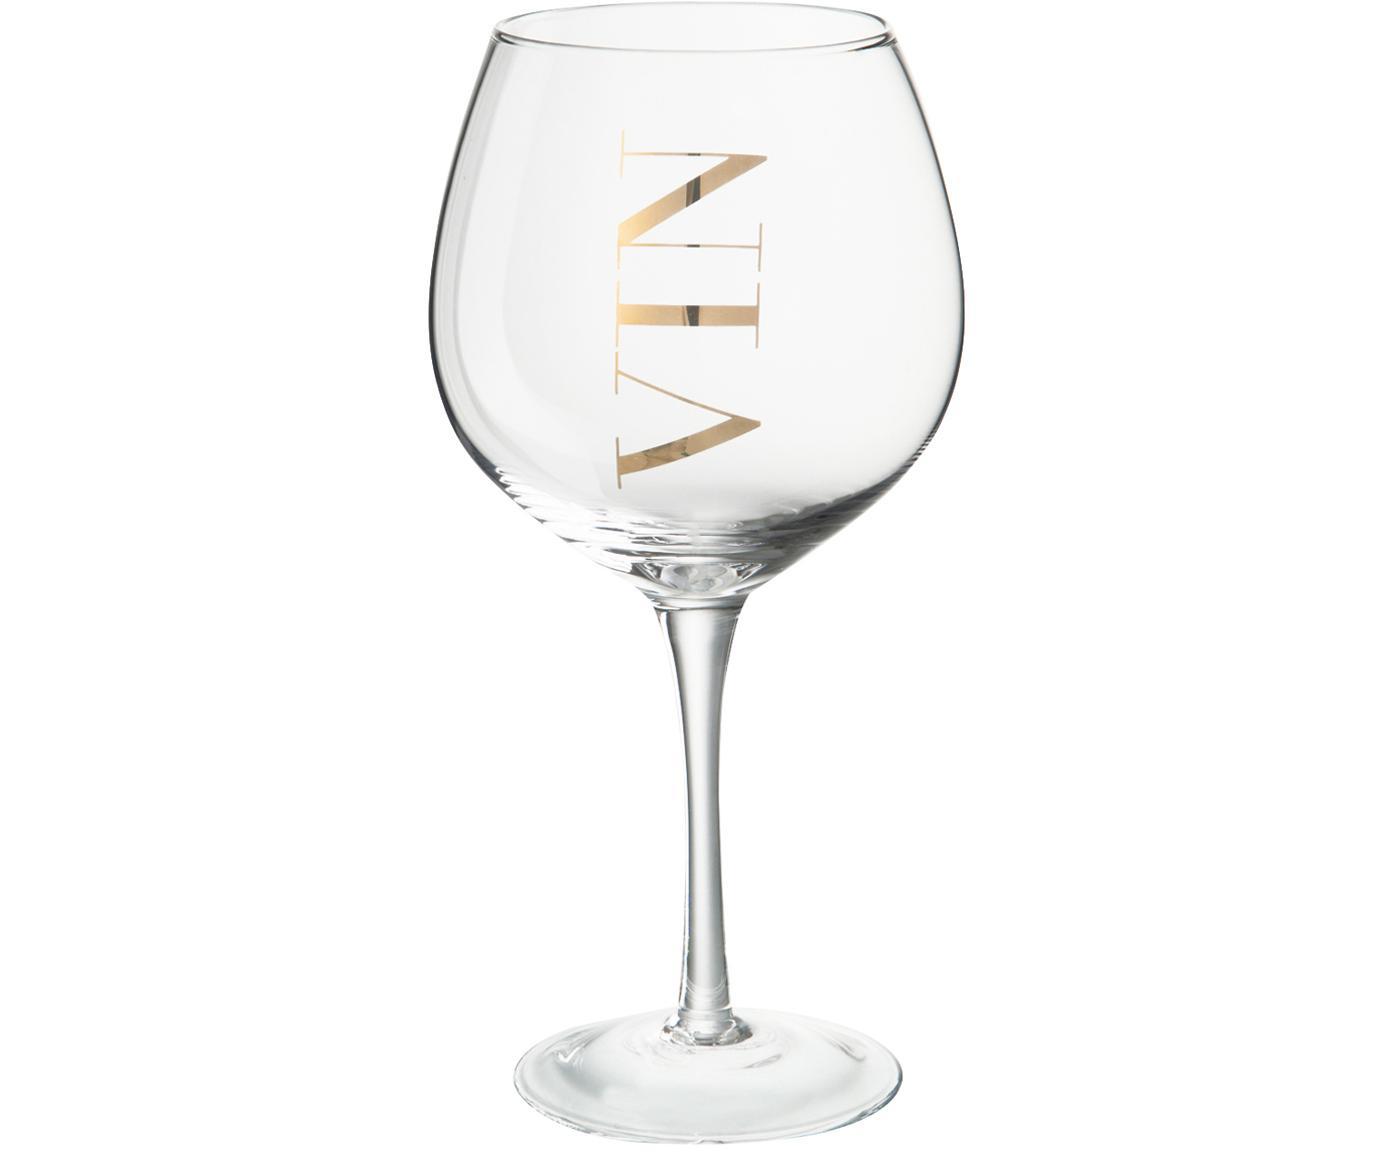 Kieliszek do wina Vin, 6 szt., Szkło, Transparentnyny, złoty, Ø 10 x 20 cm